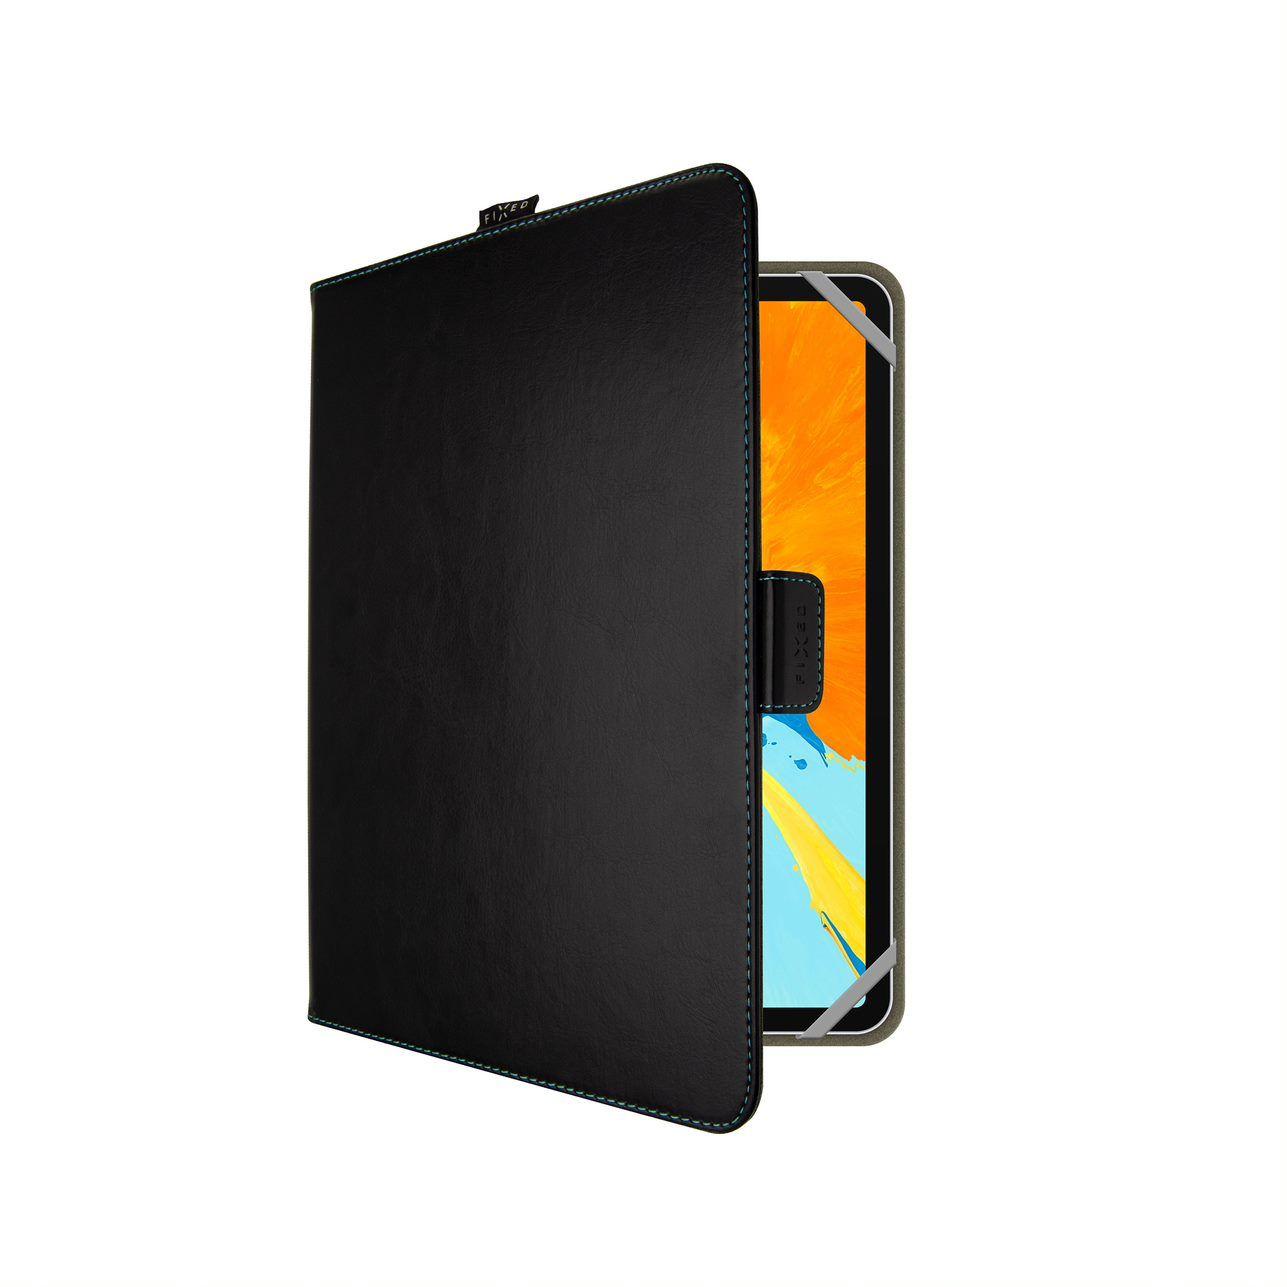 Pouzdro pro 10,1' tablety FIXED Novel, černé